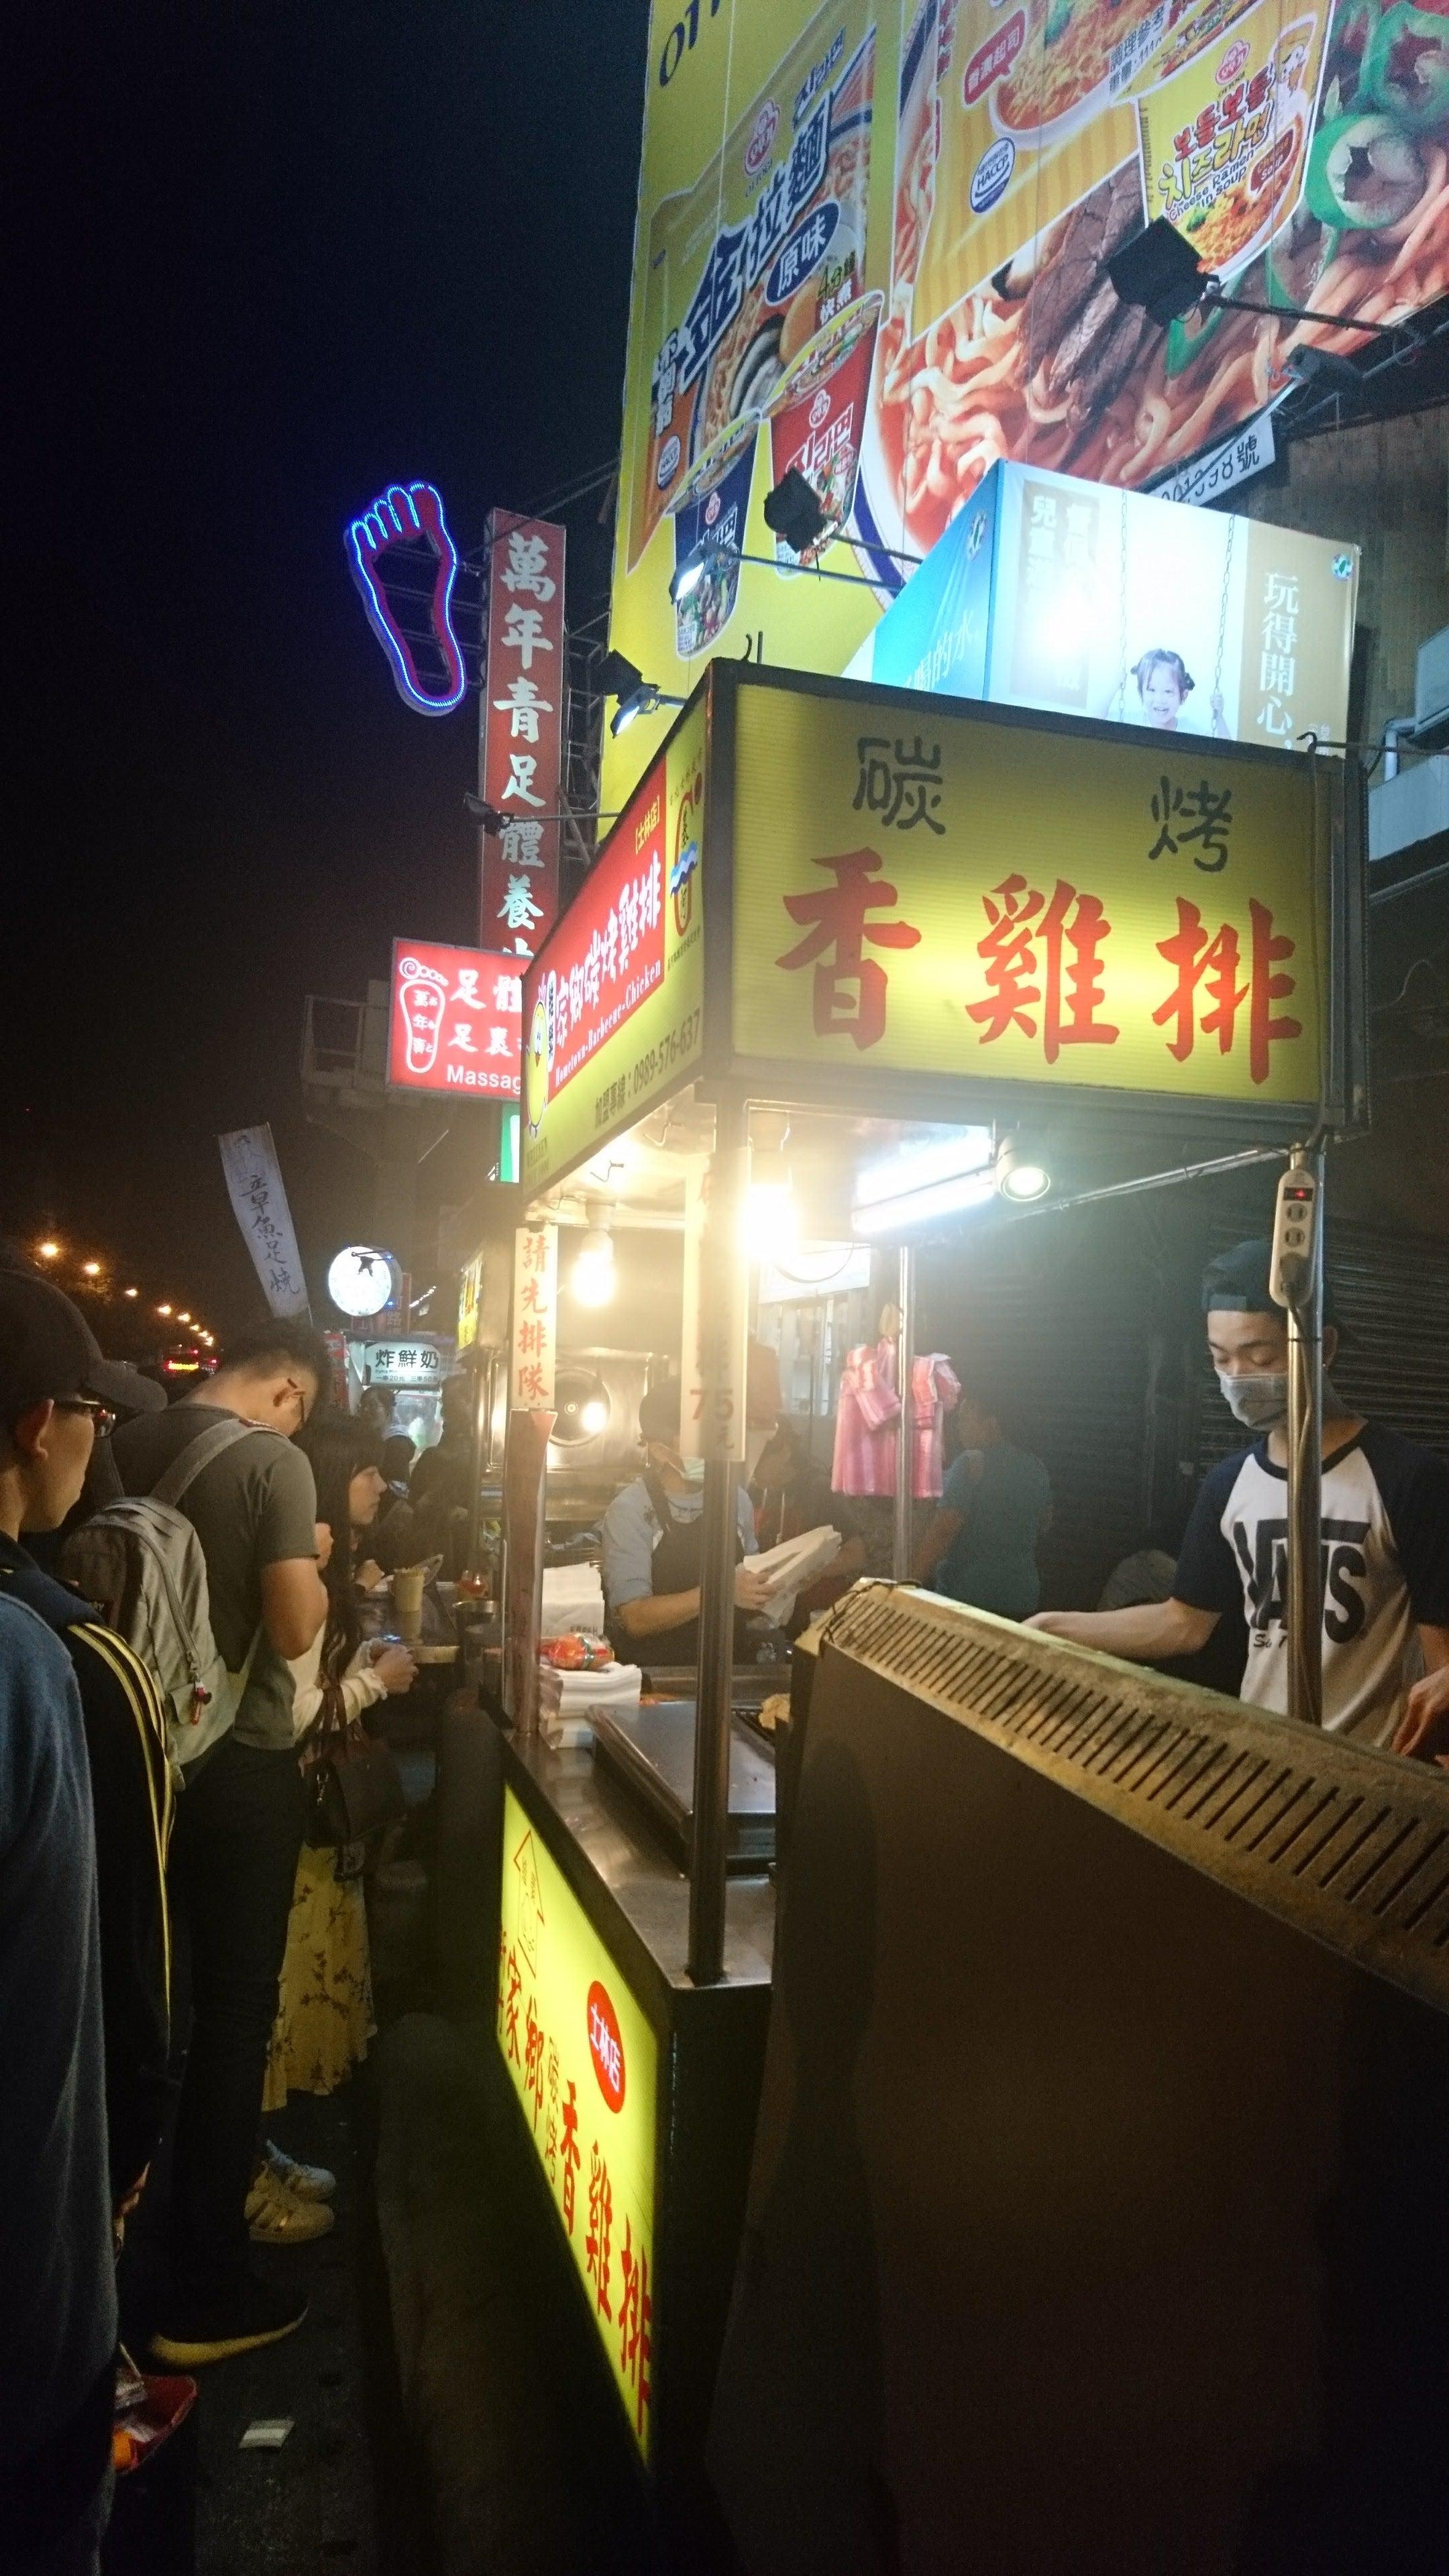 ローカル大學生が愛した士林夜市の何度食べても飽きないグルメとは?! | 鈴鈴の臺灣ガイドブック